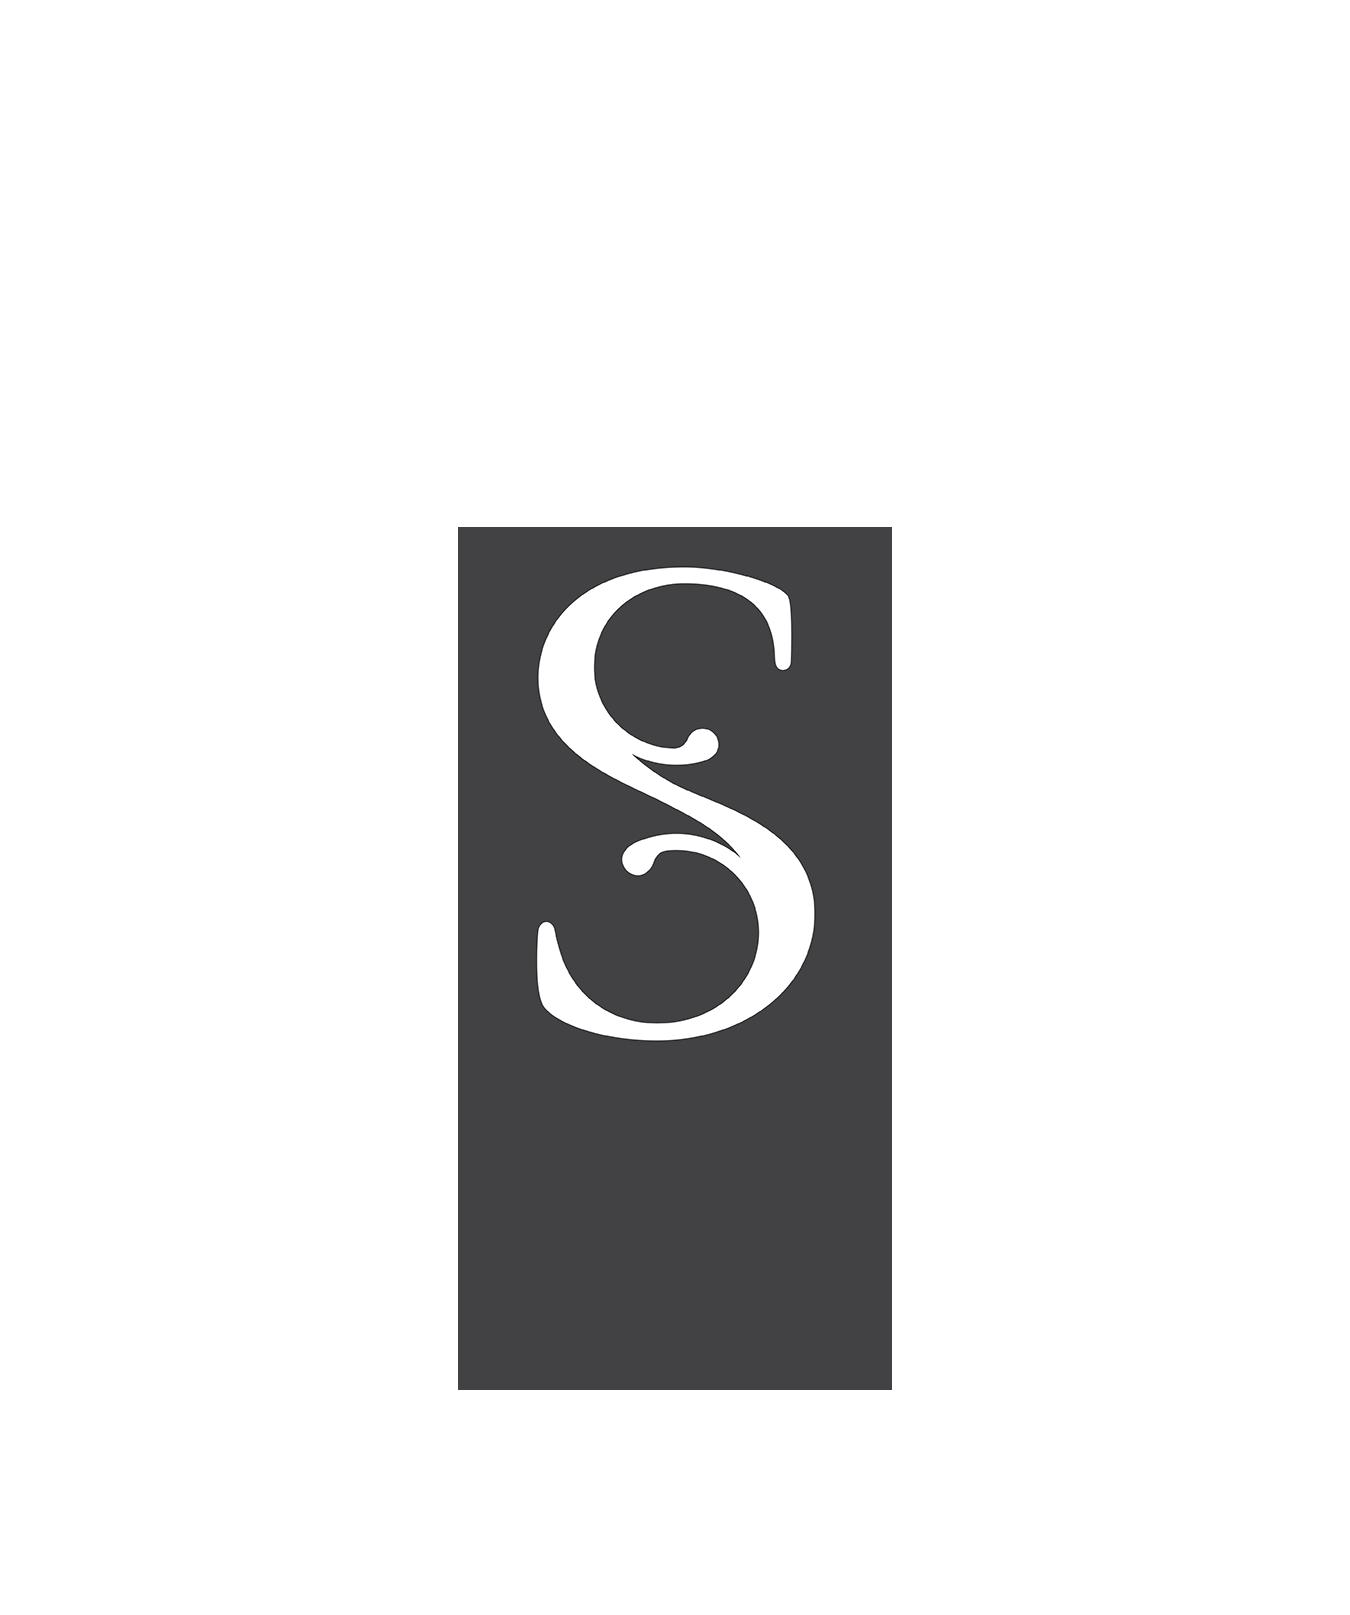 Sian Zeng